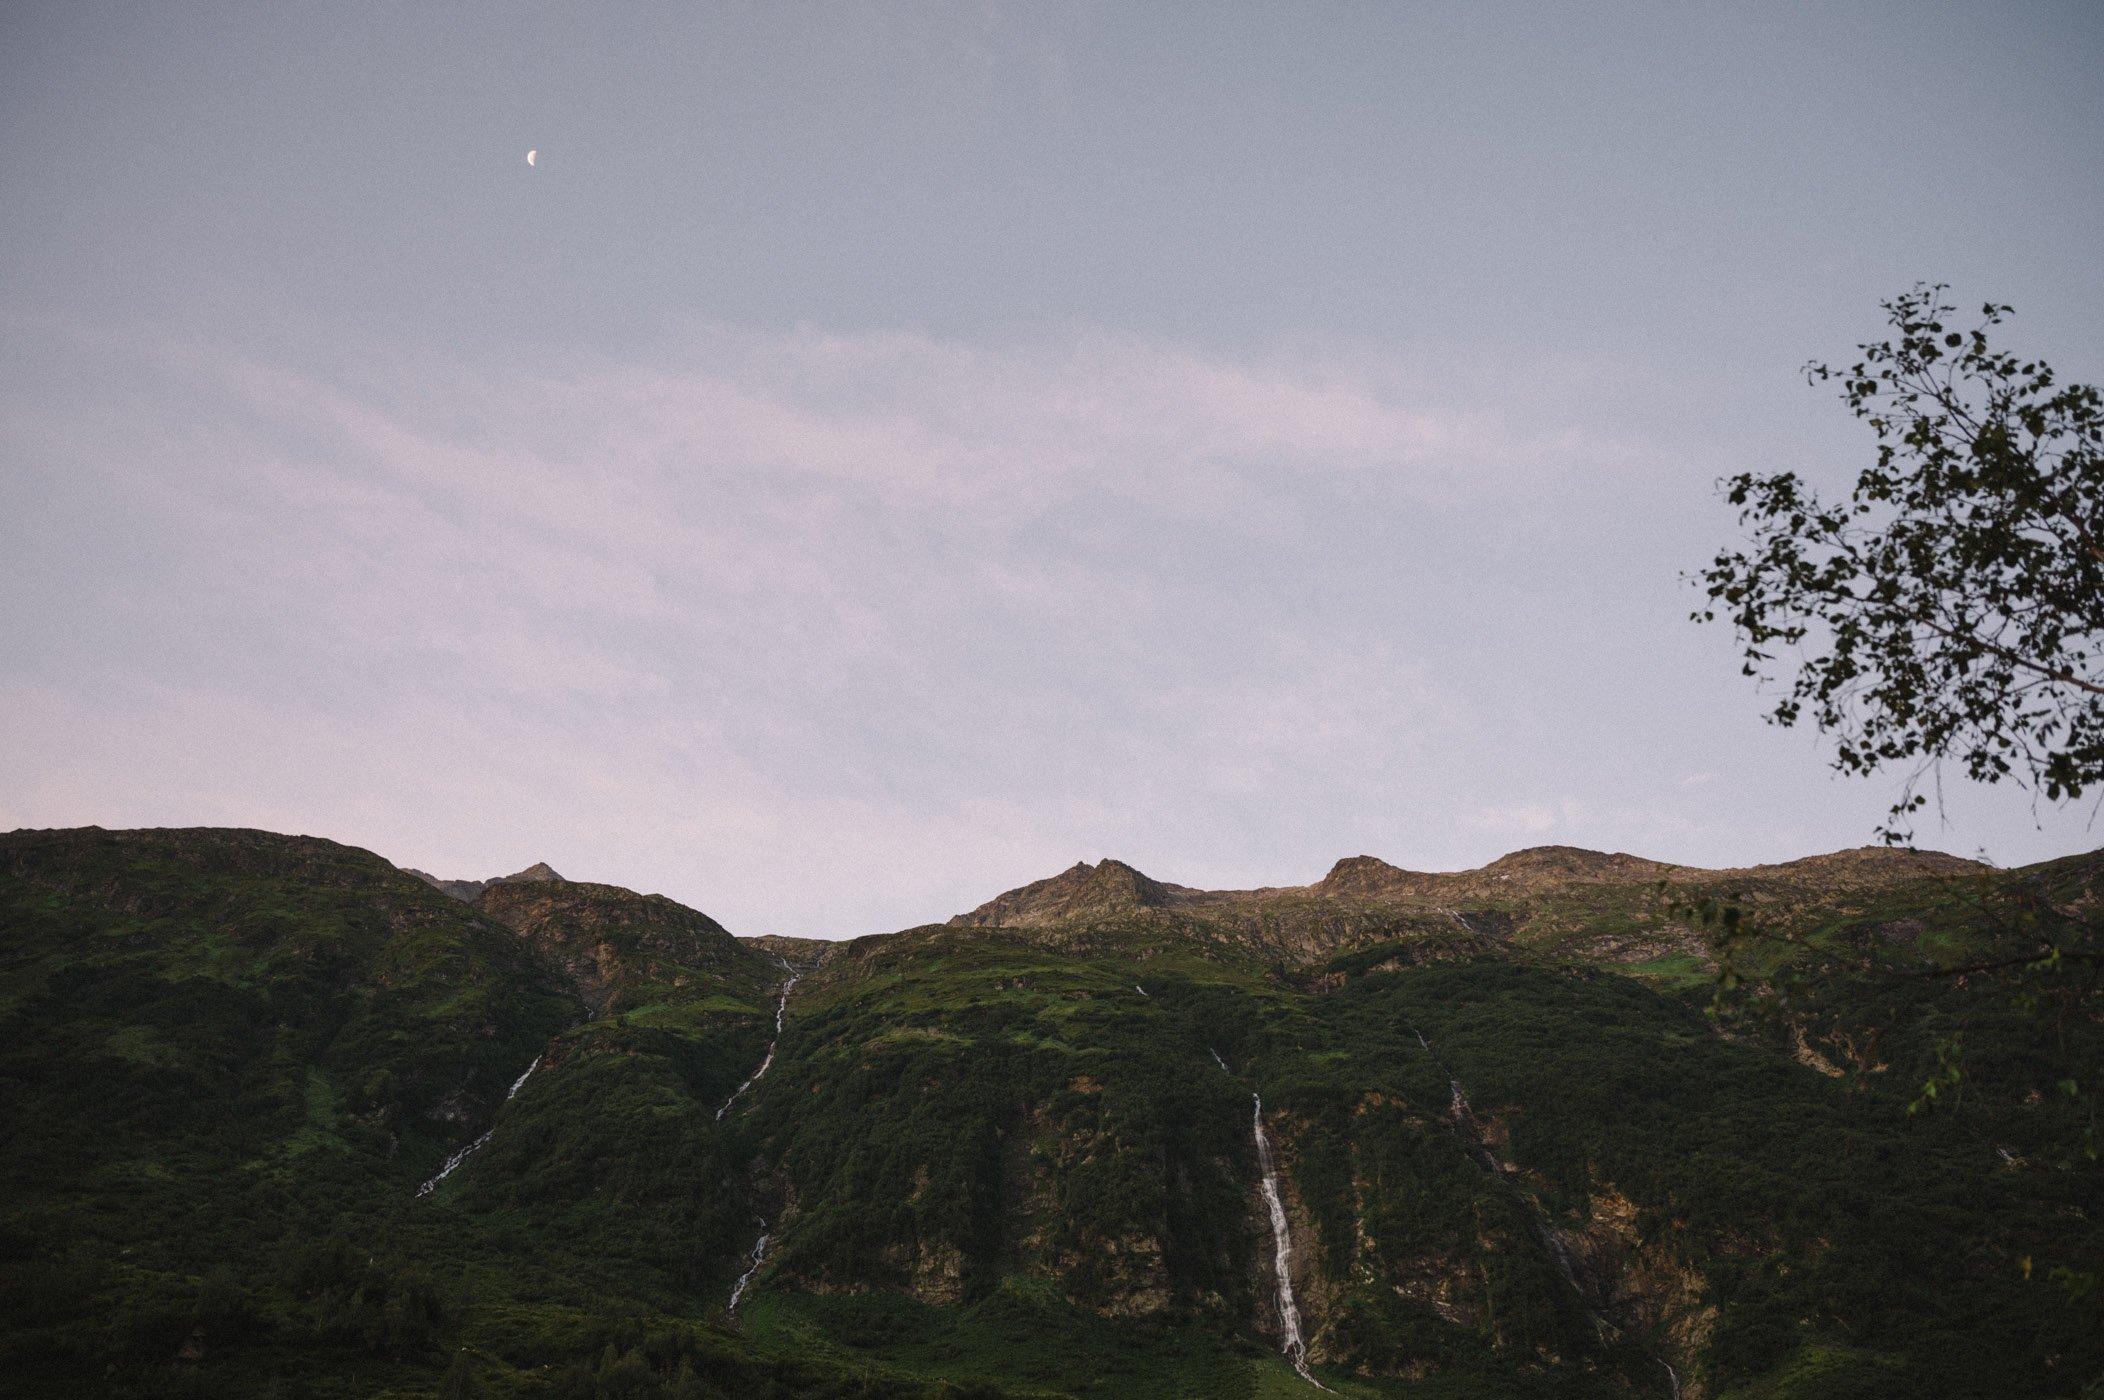 Innergschlöss East Tyrol Mindful mountain retreat